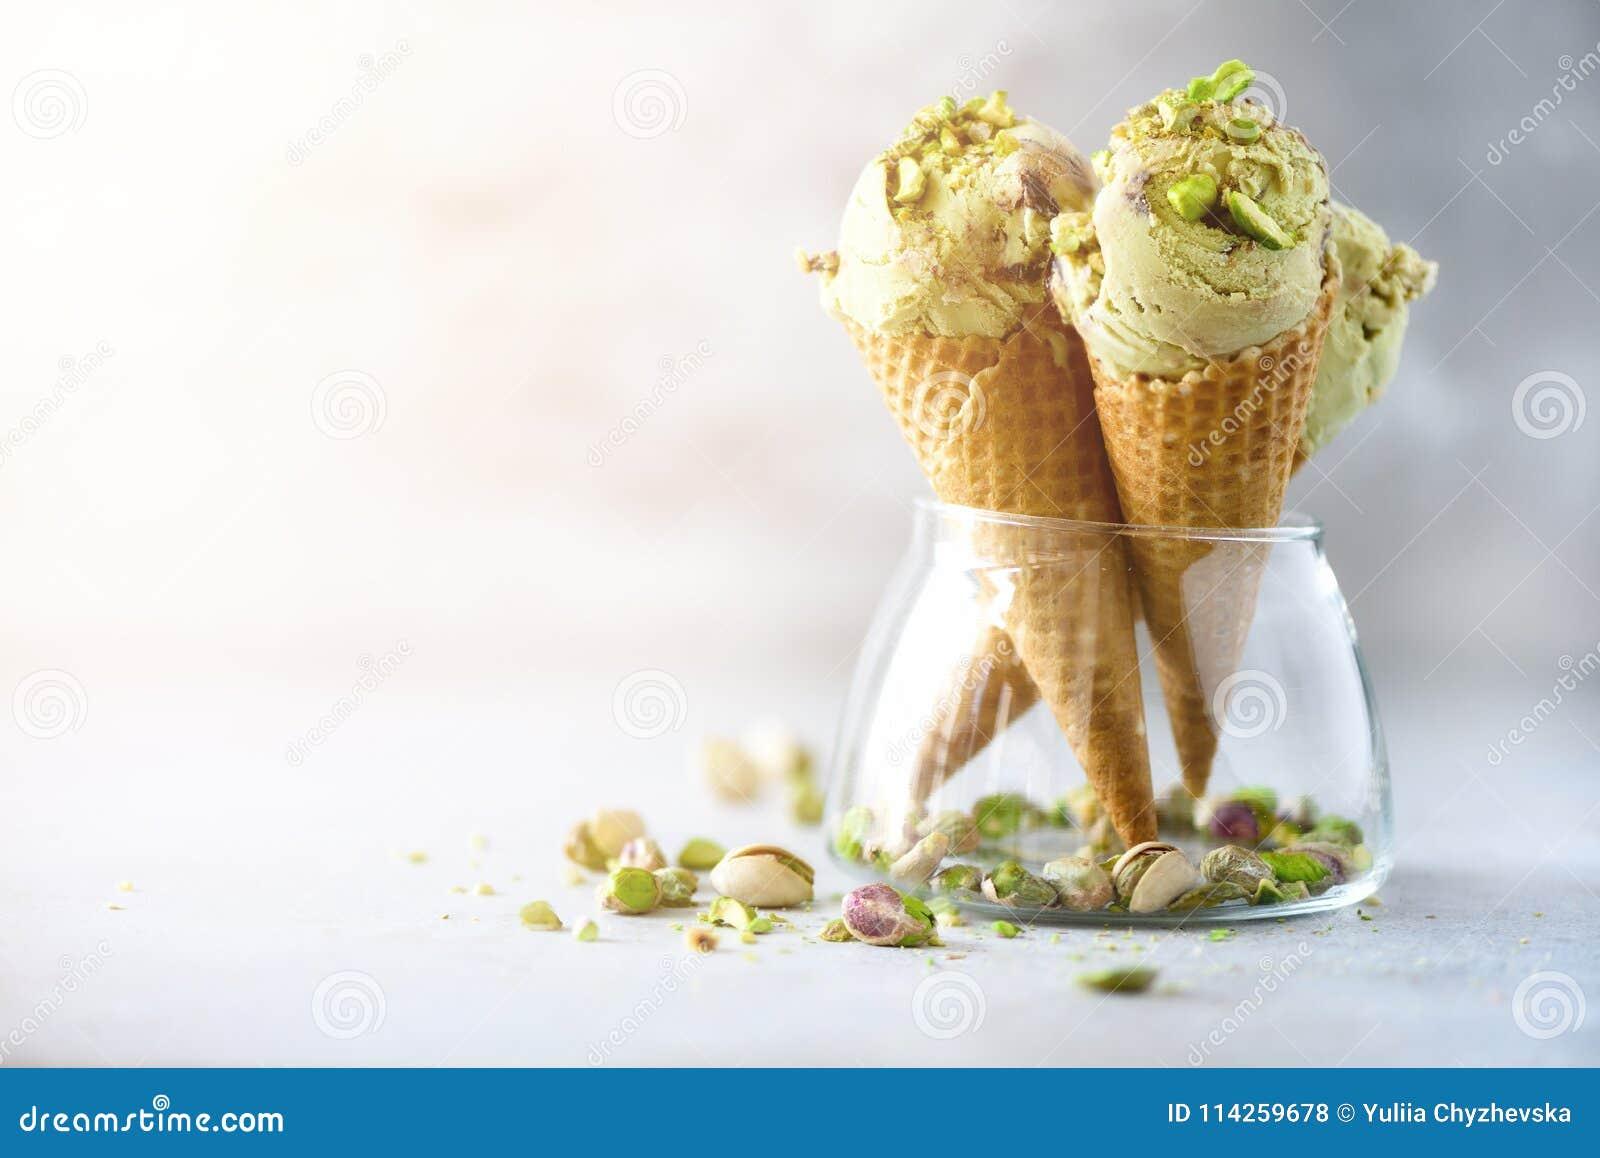 Zielony lody w gofra rożku z czekoladowymi i pistacjowymi dokrętkami na popielatym kamiennym tle Lata karmowy pojęcie, kopia